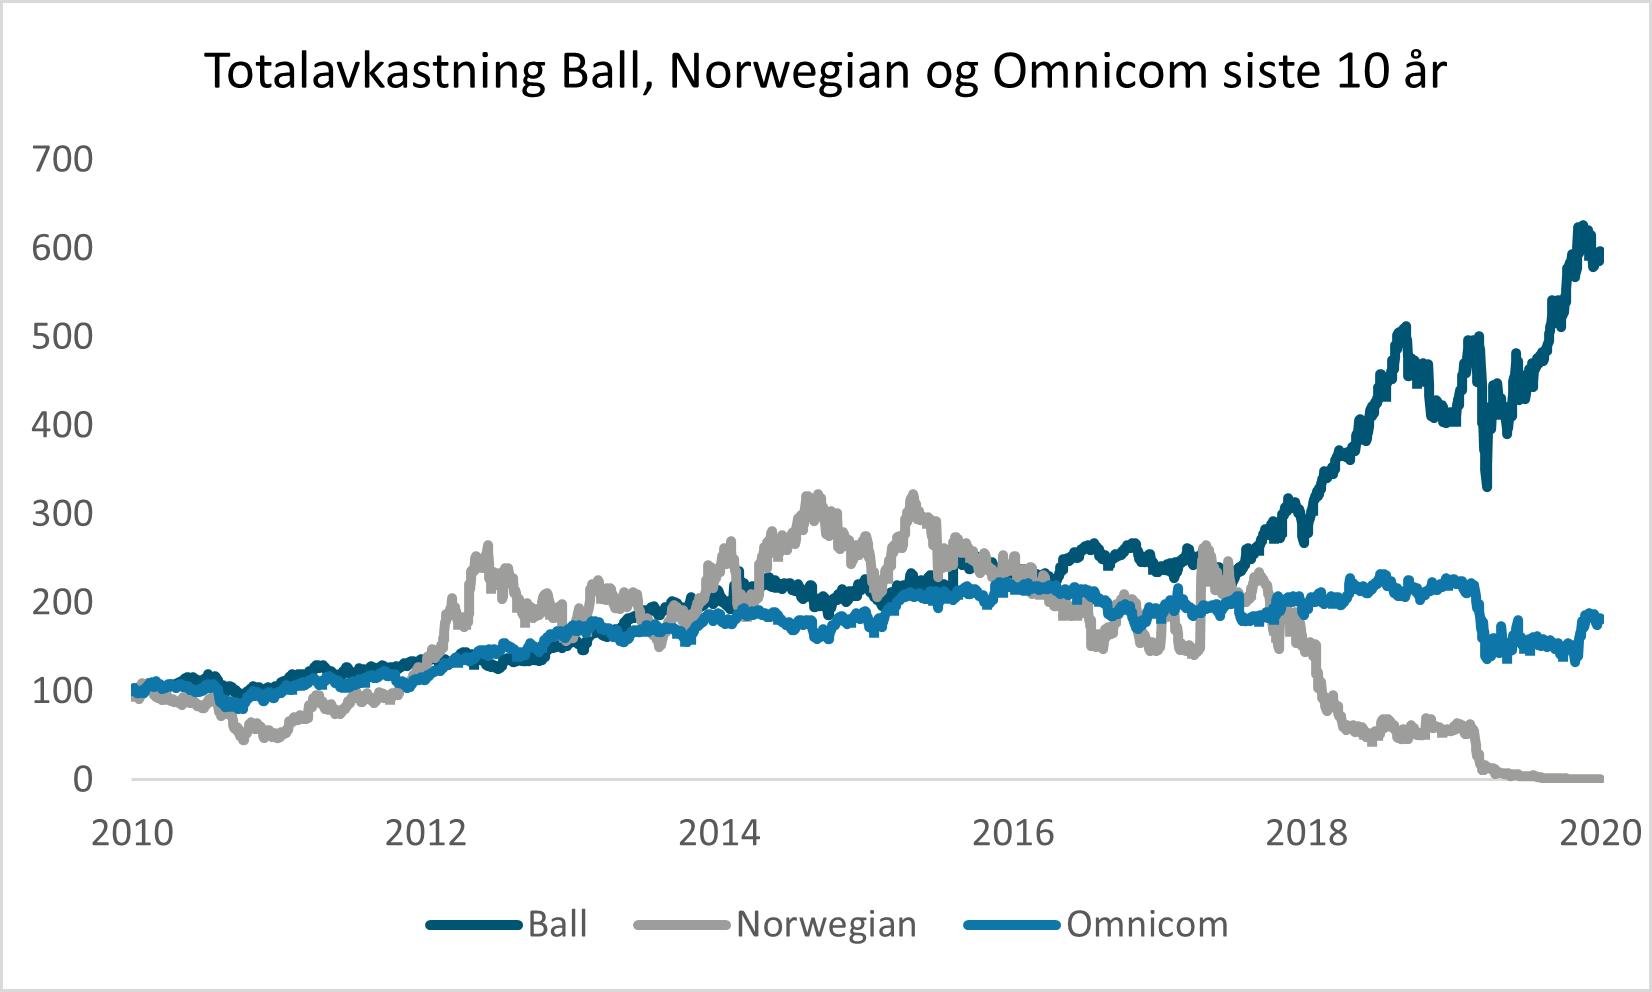 Utviklingen i aksjekurs for Ball, Norwegian og Omnicom fra 2010 til 2020